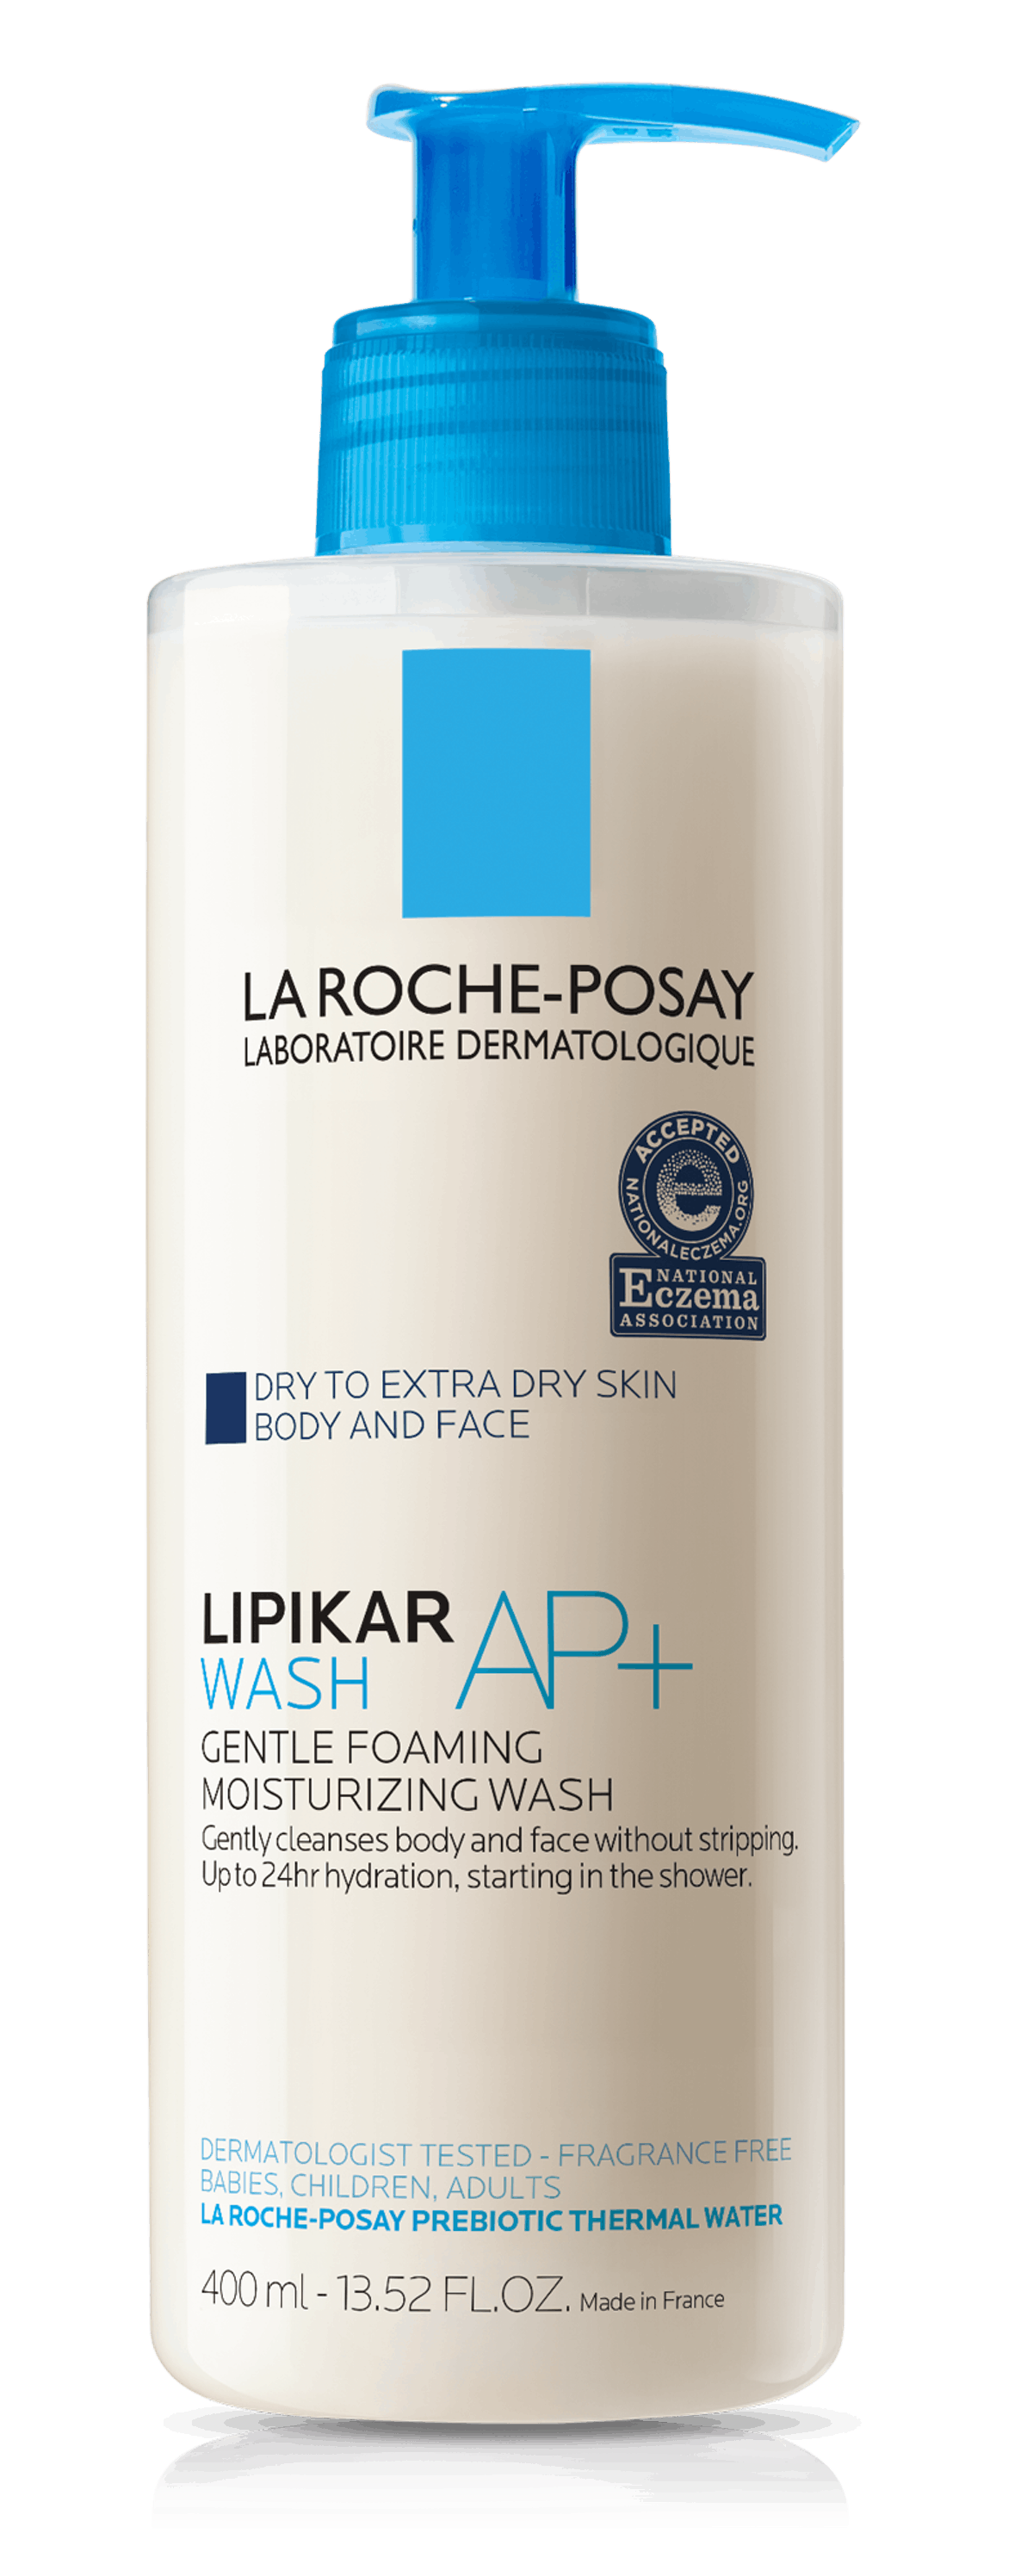 Lipikar AP+ Wash